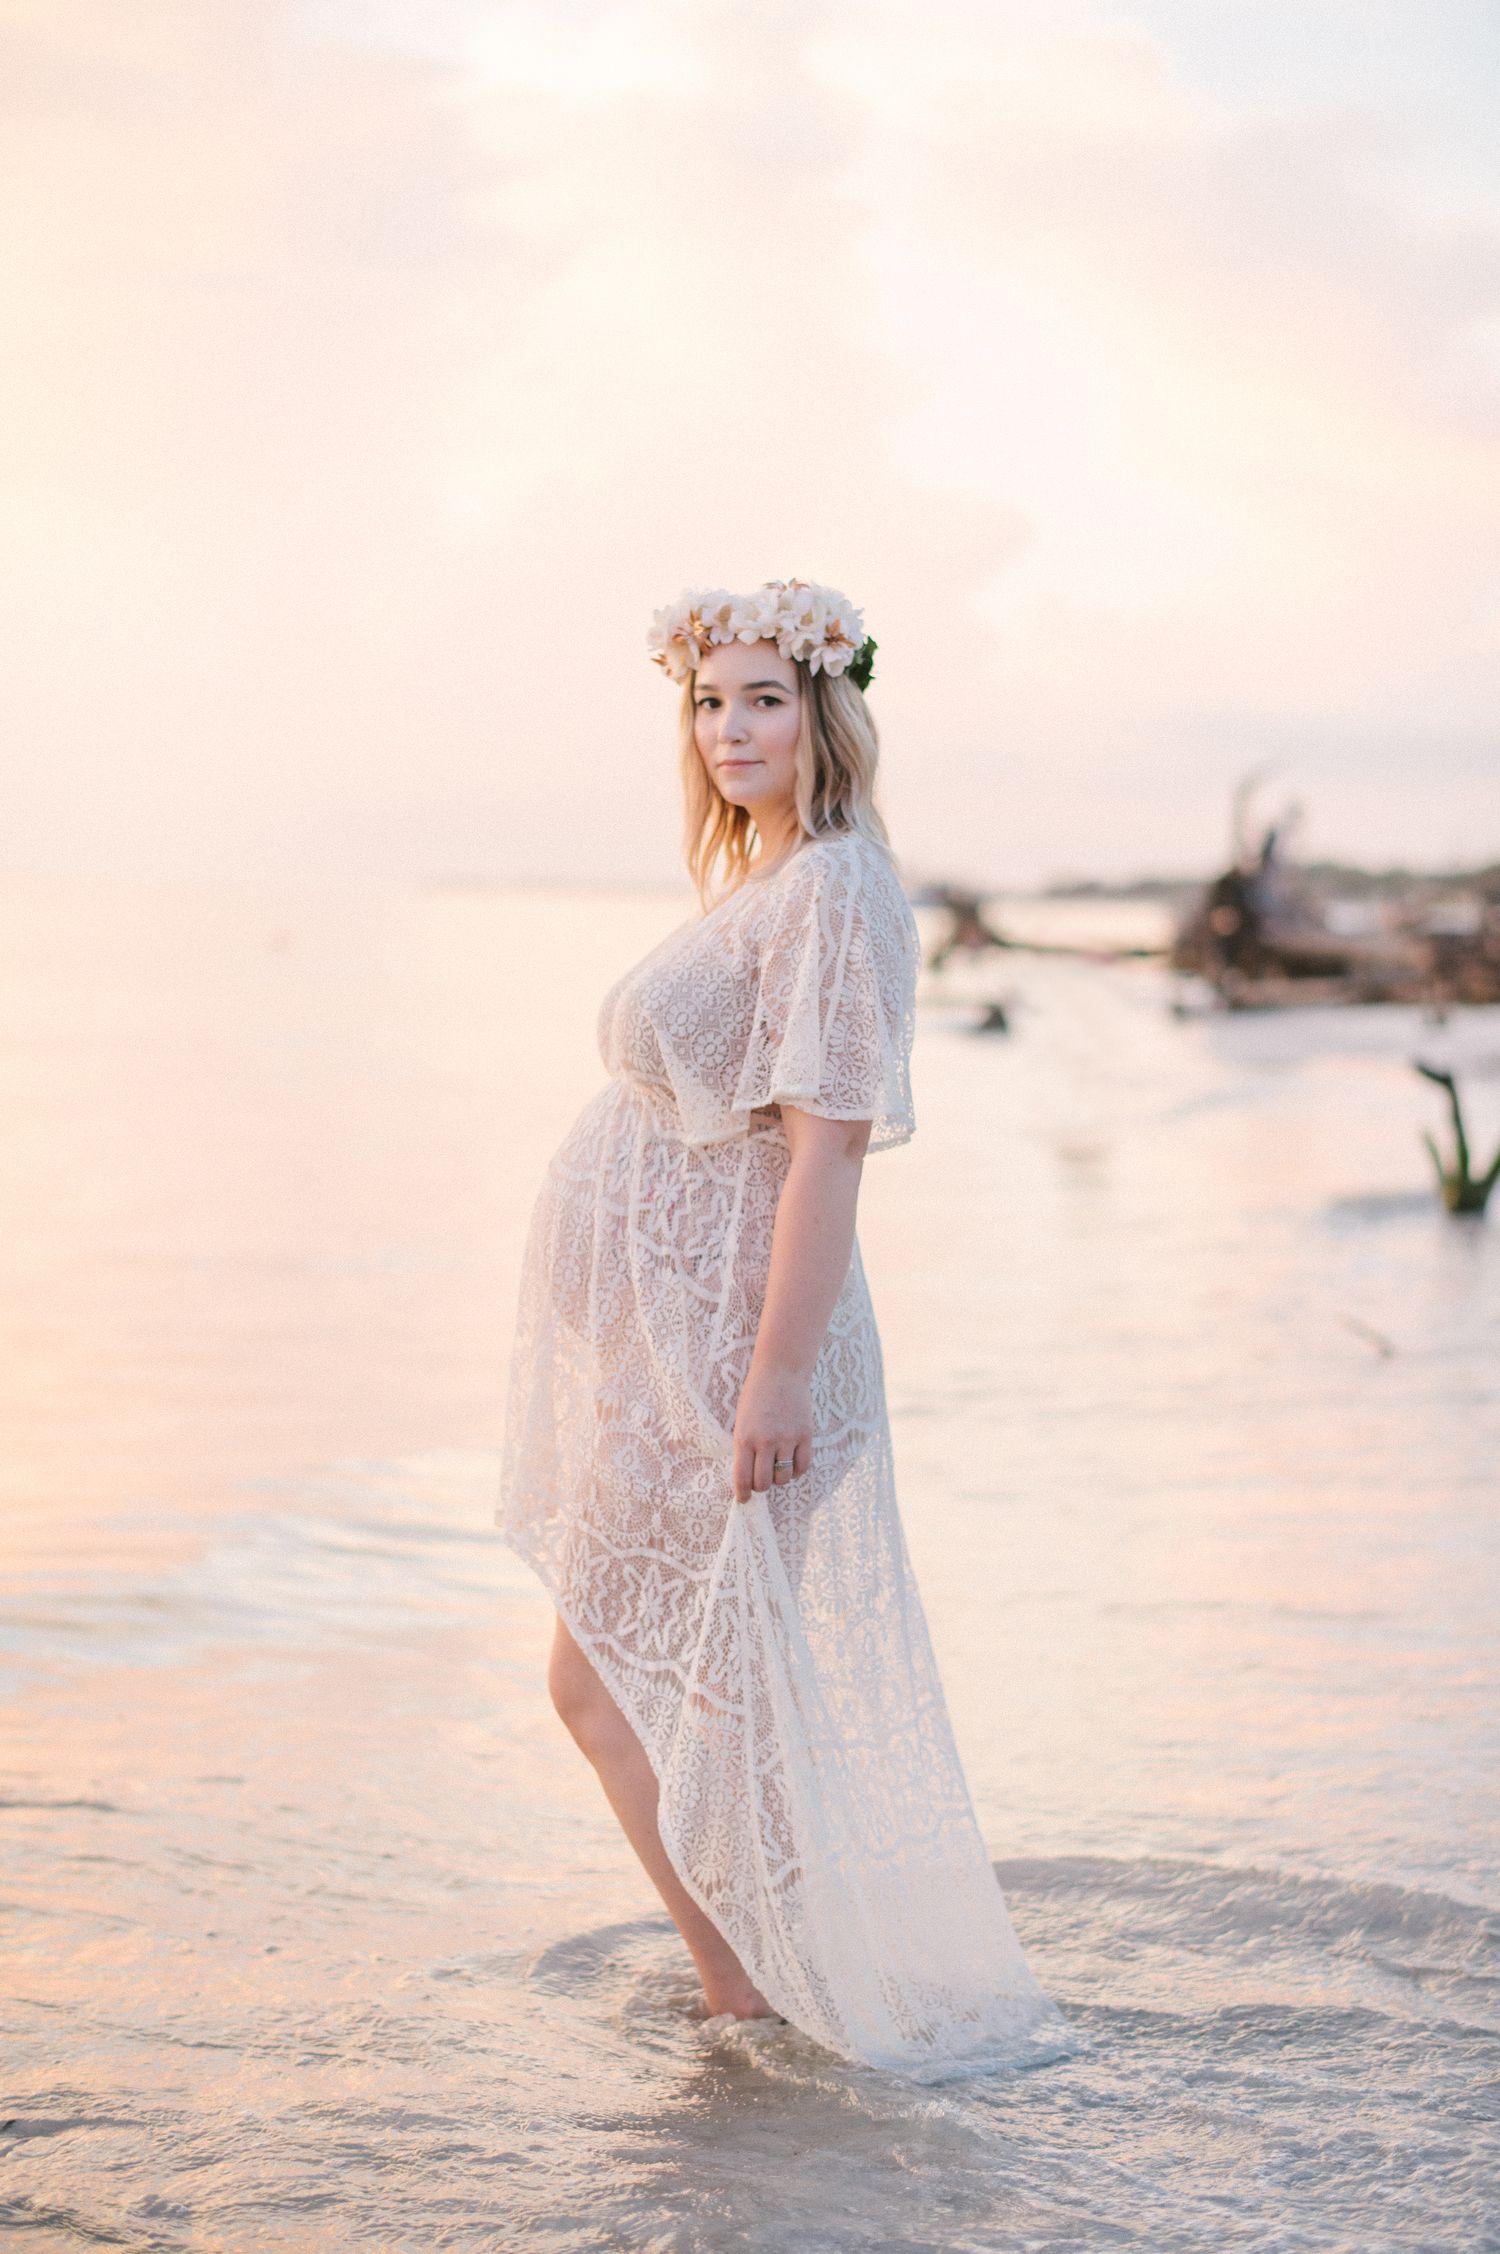 Boho Beach Maternity Photos (With images) | Beach ...